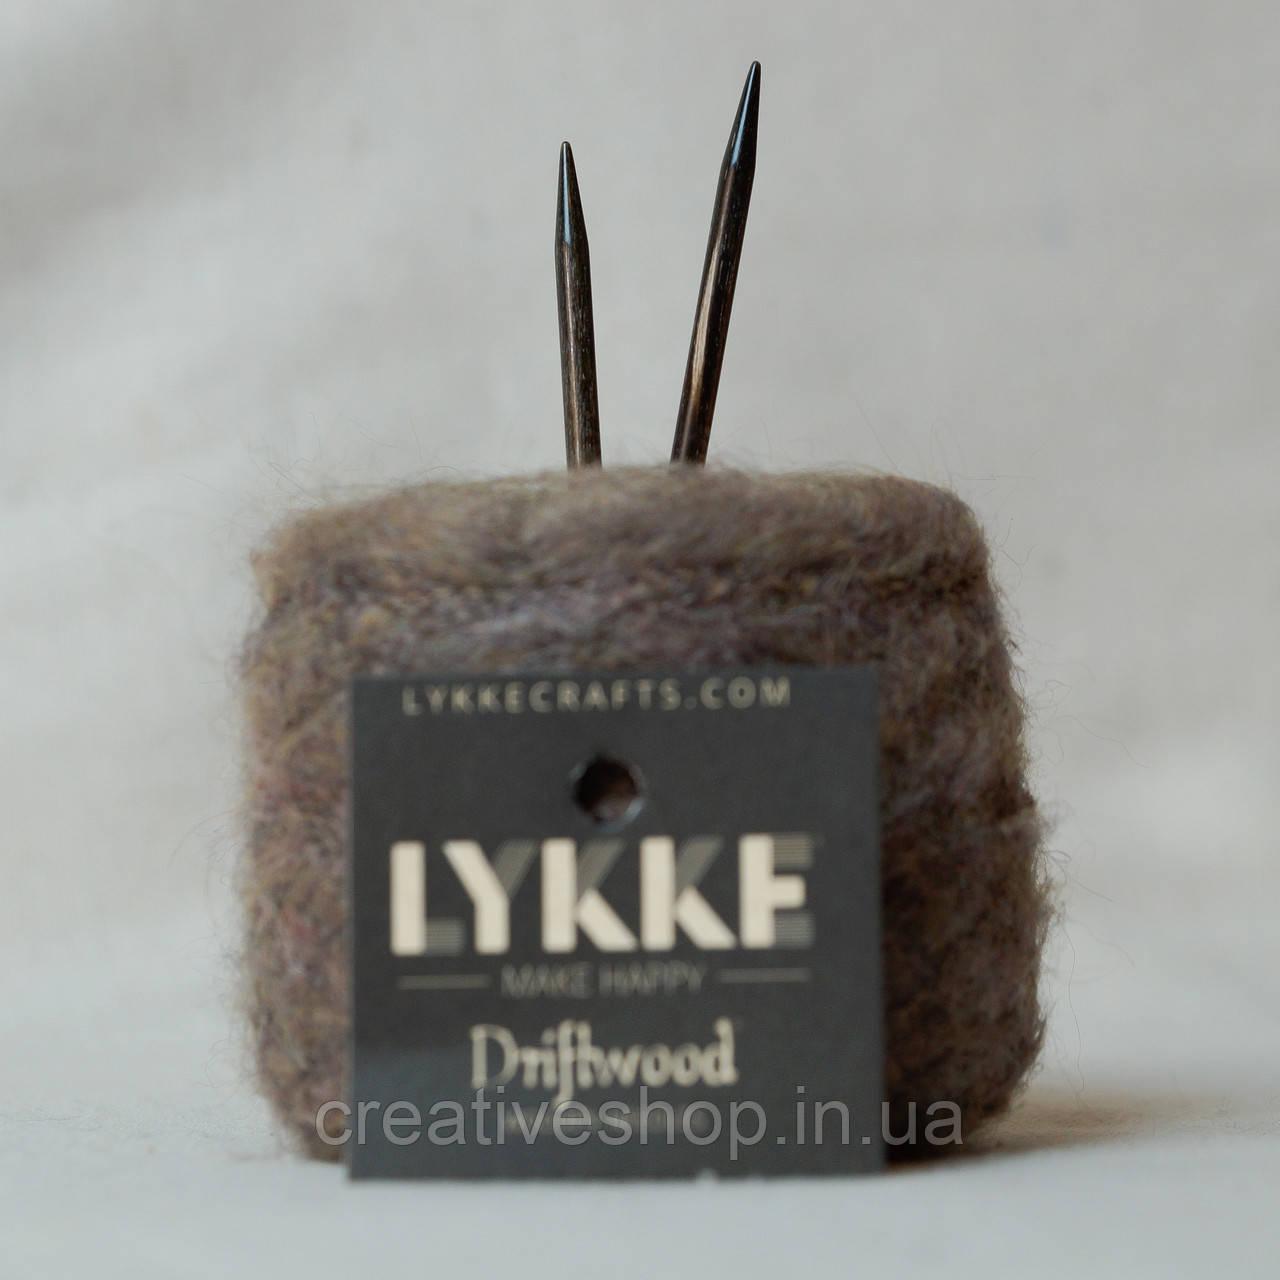 Съемные стандартные спицы Lykke Driftwood